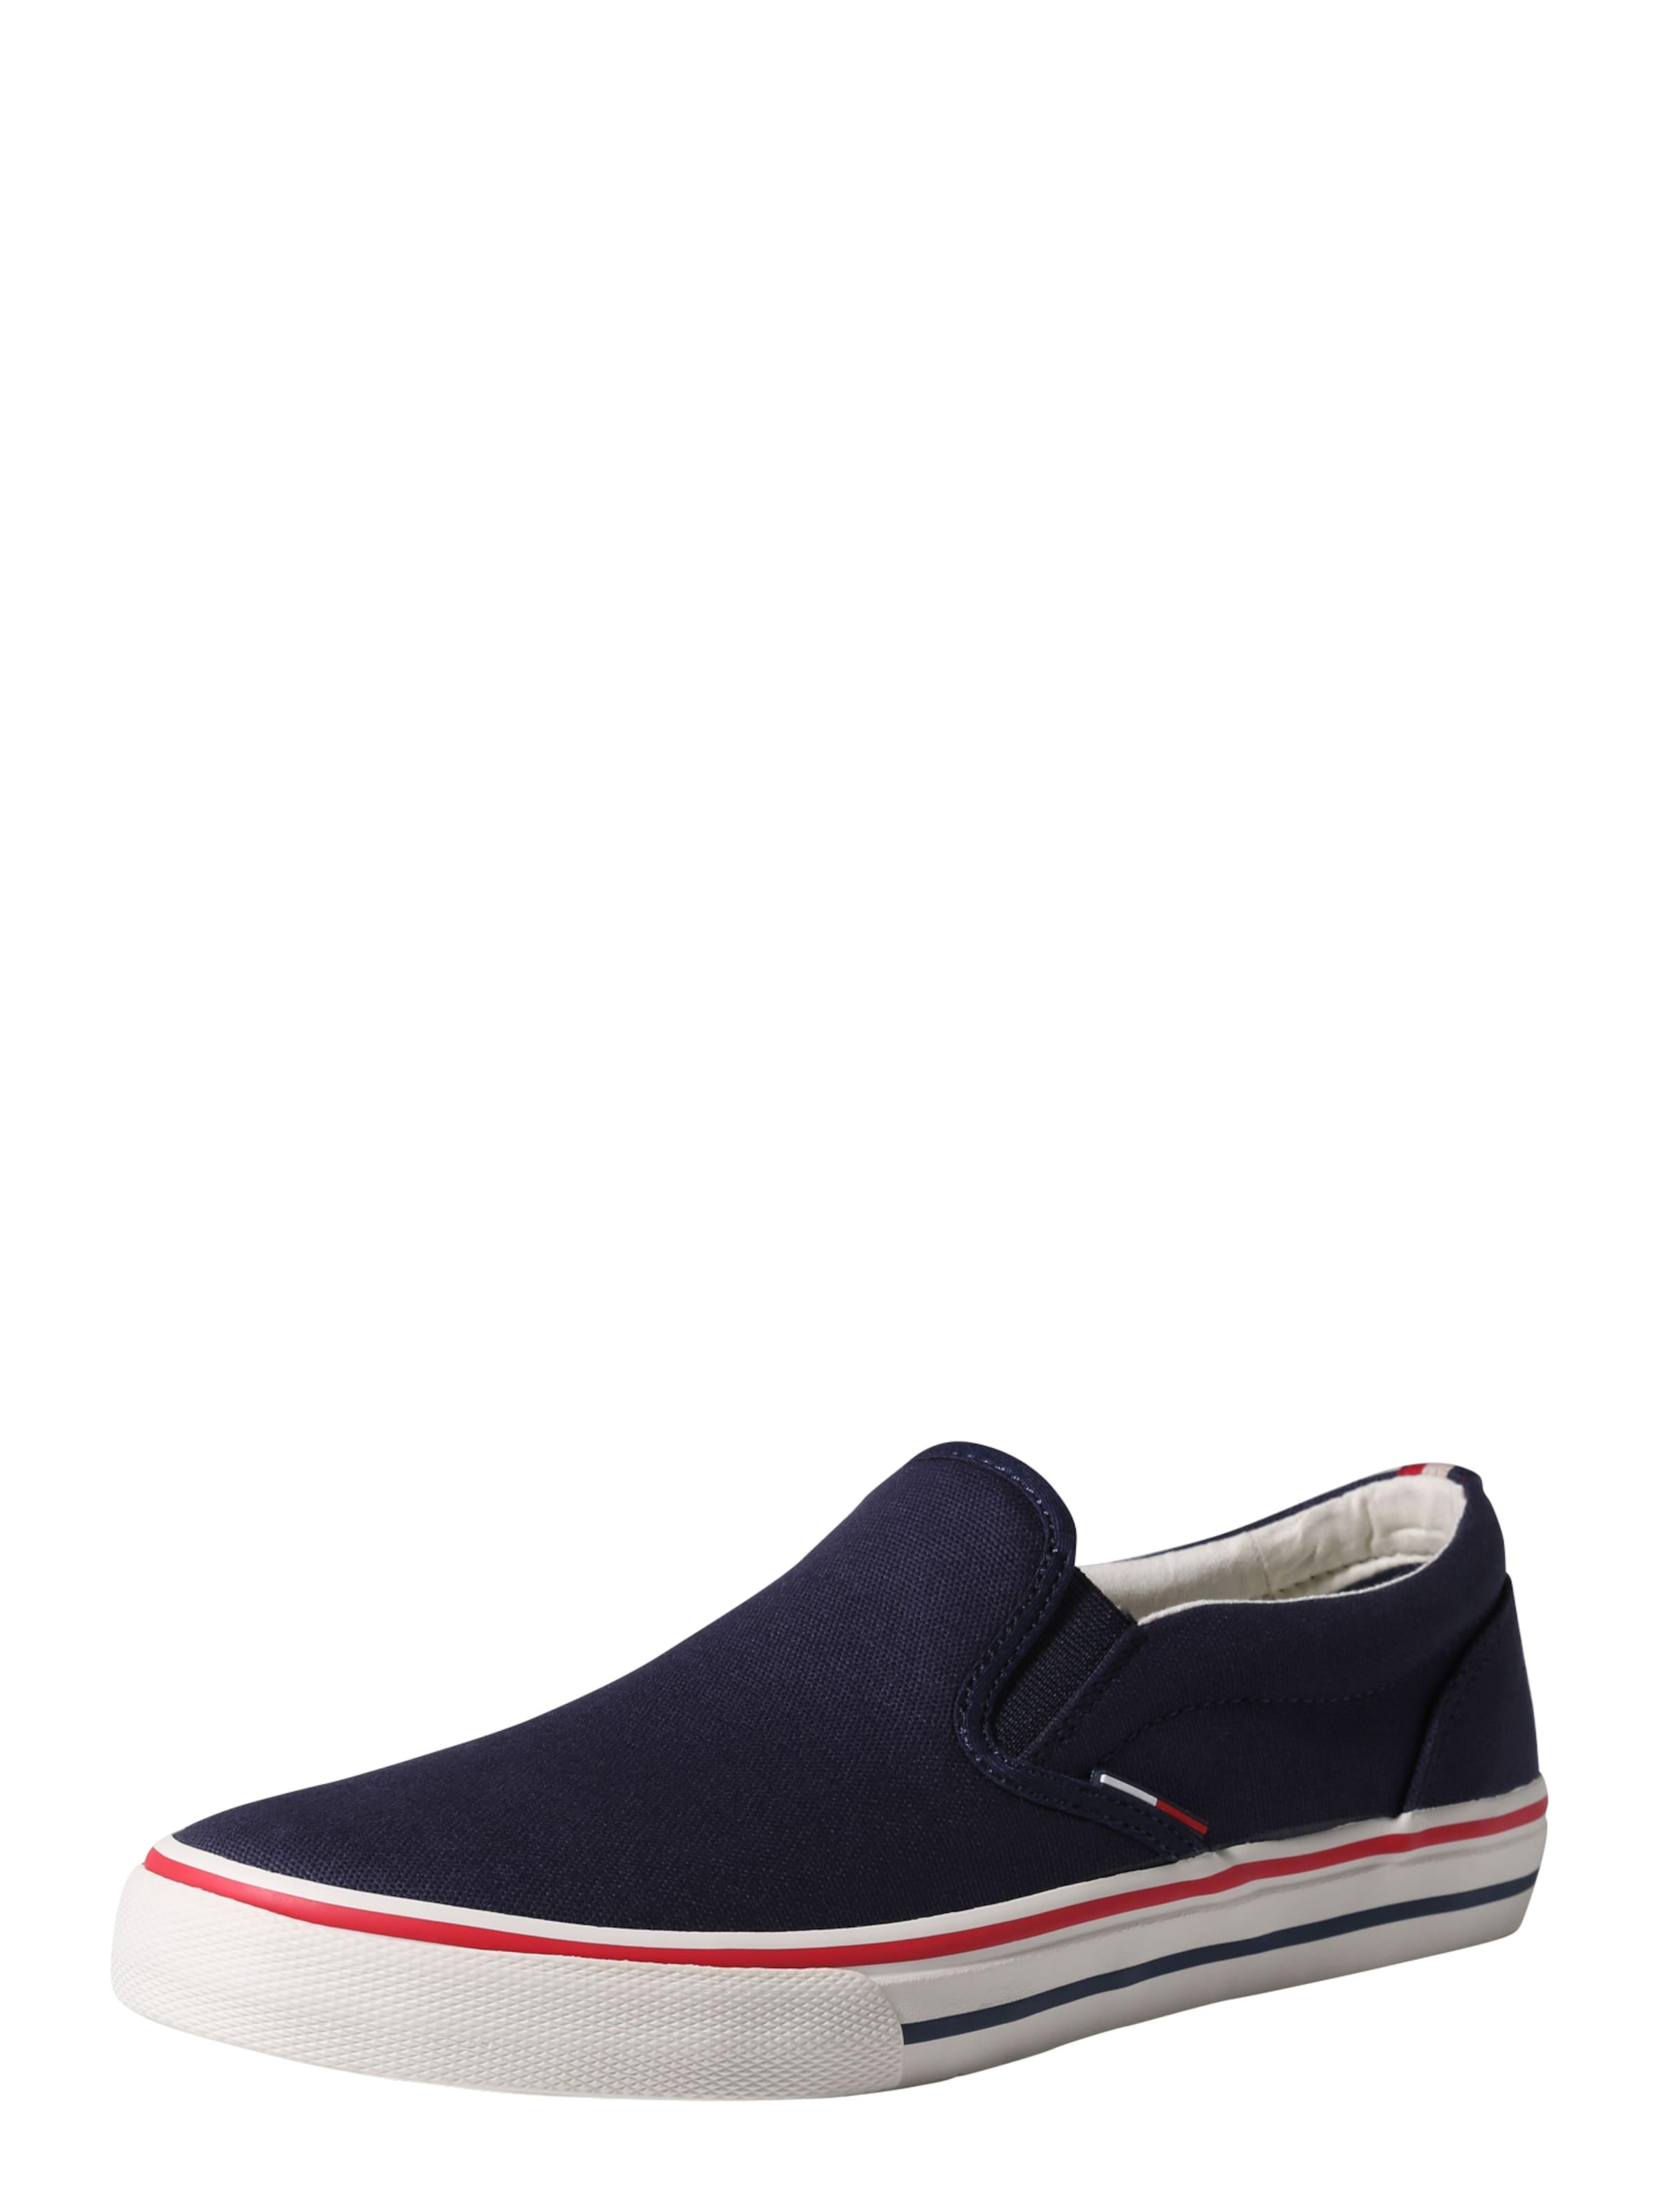 Tommy Jeans Slip-Ons mit Ösen Hohe Qualität